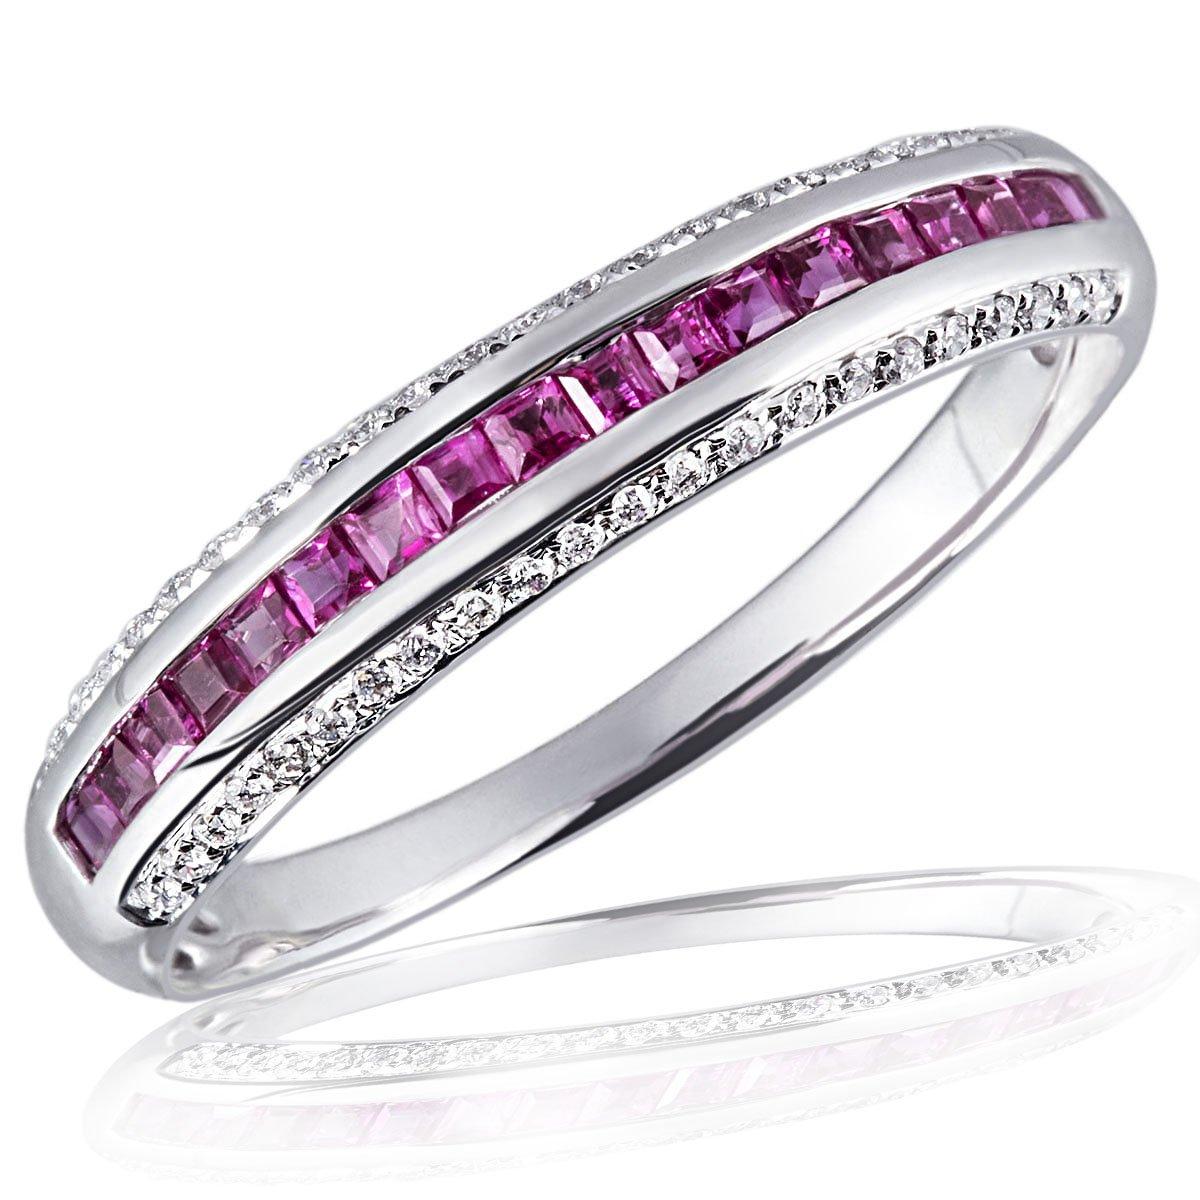 Goldmaid Donna-anello Memoire vaquetas 14 carati 585 oro bianco 18 rubini 44 brillanti si/h kt 0,14